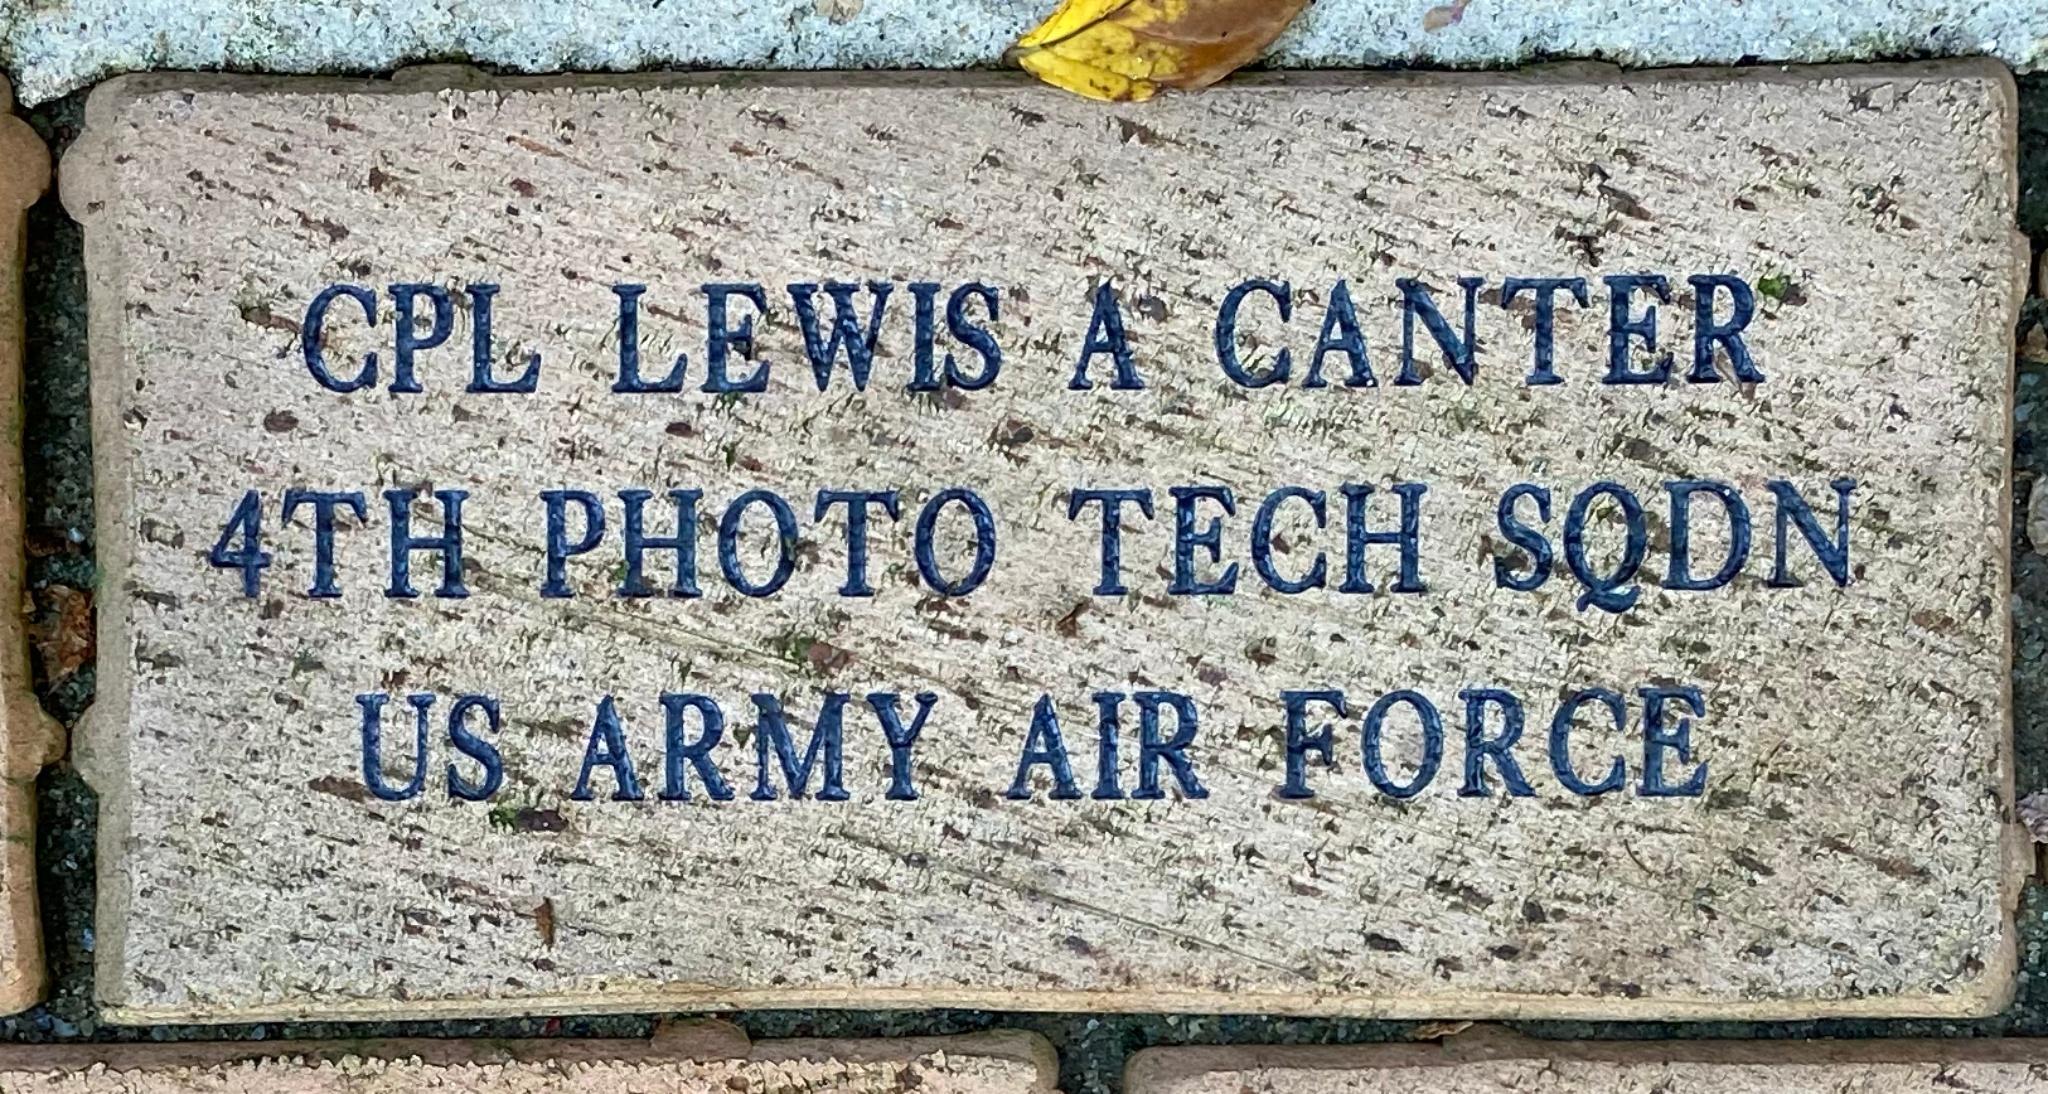 CPL LEWIS A CANTER 4TH PHOTO TECH SQDN US. ARMY AIR FORCE